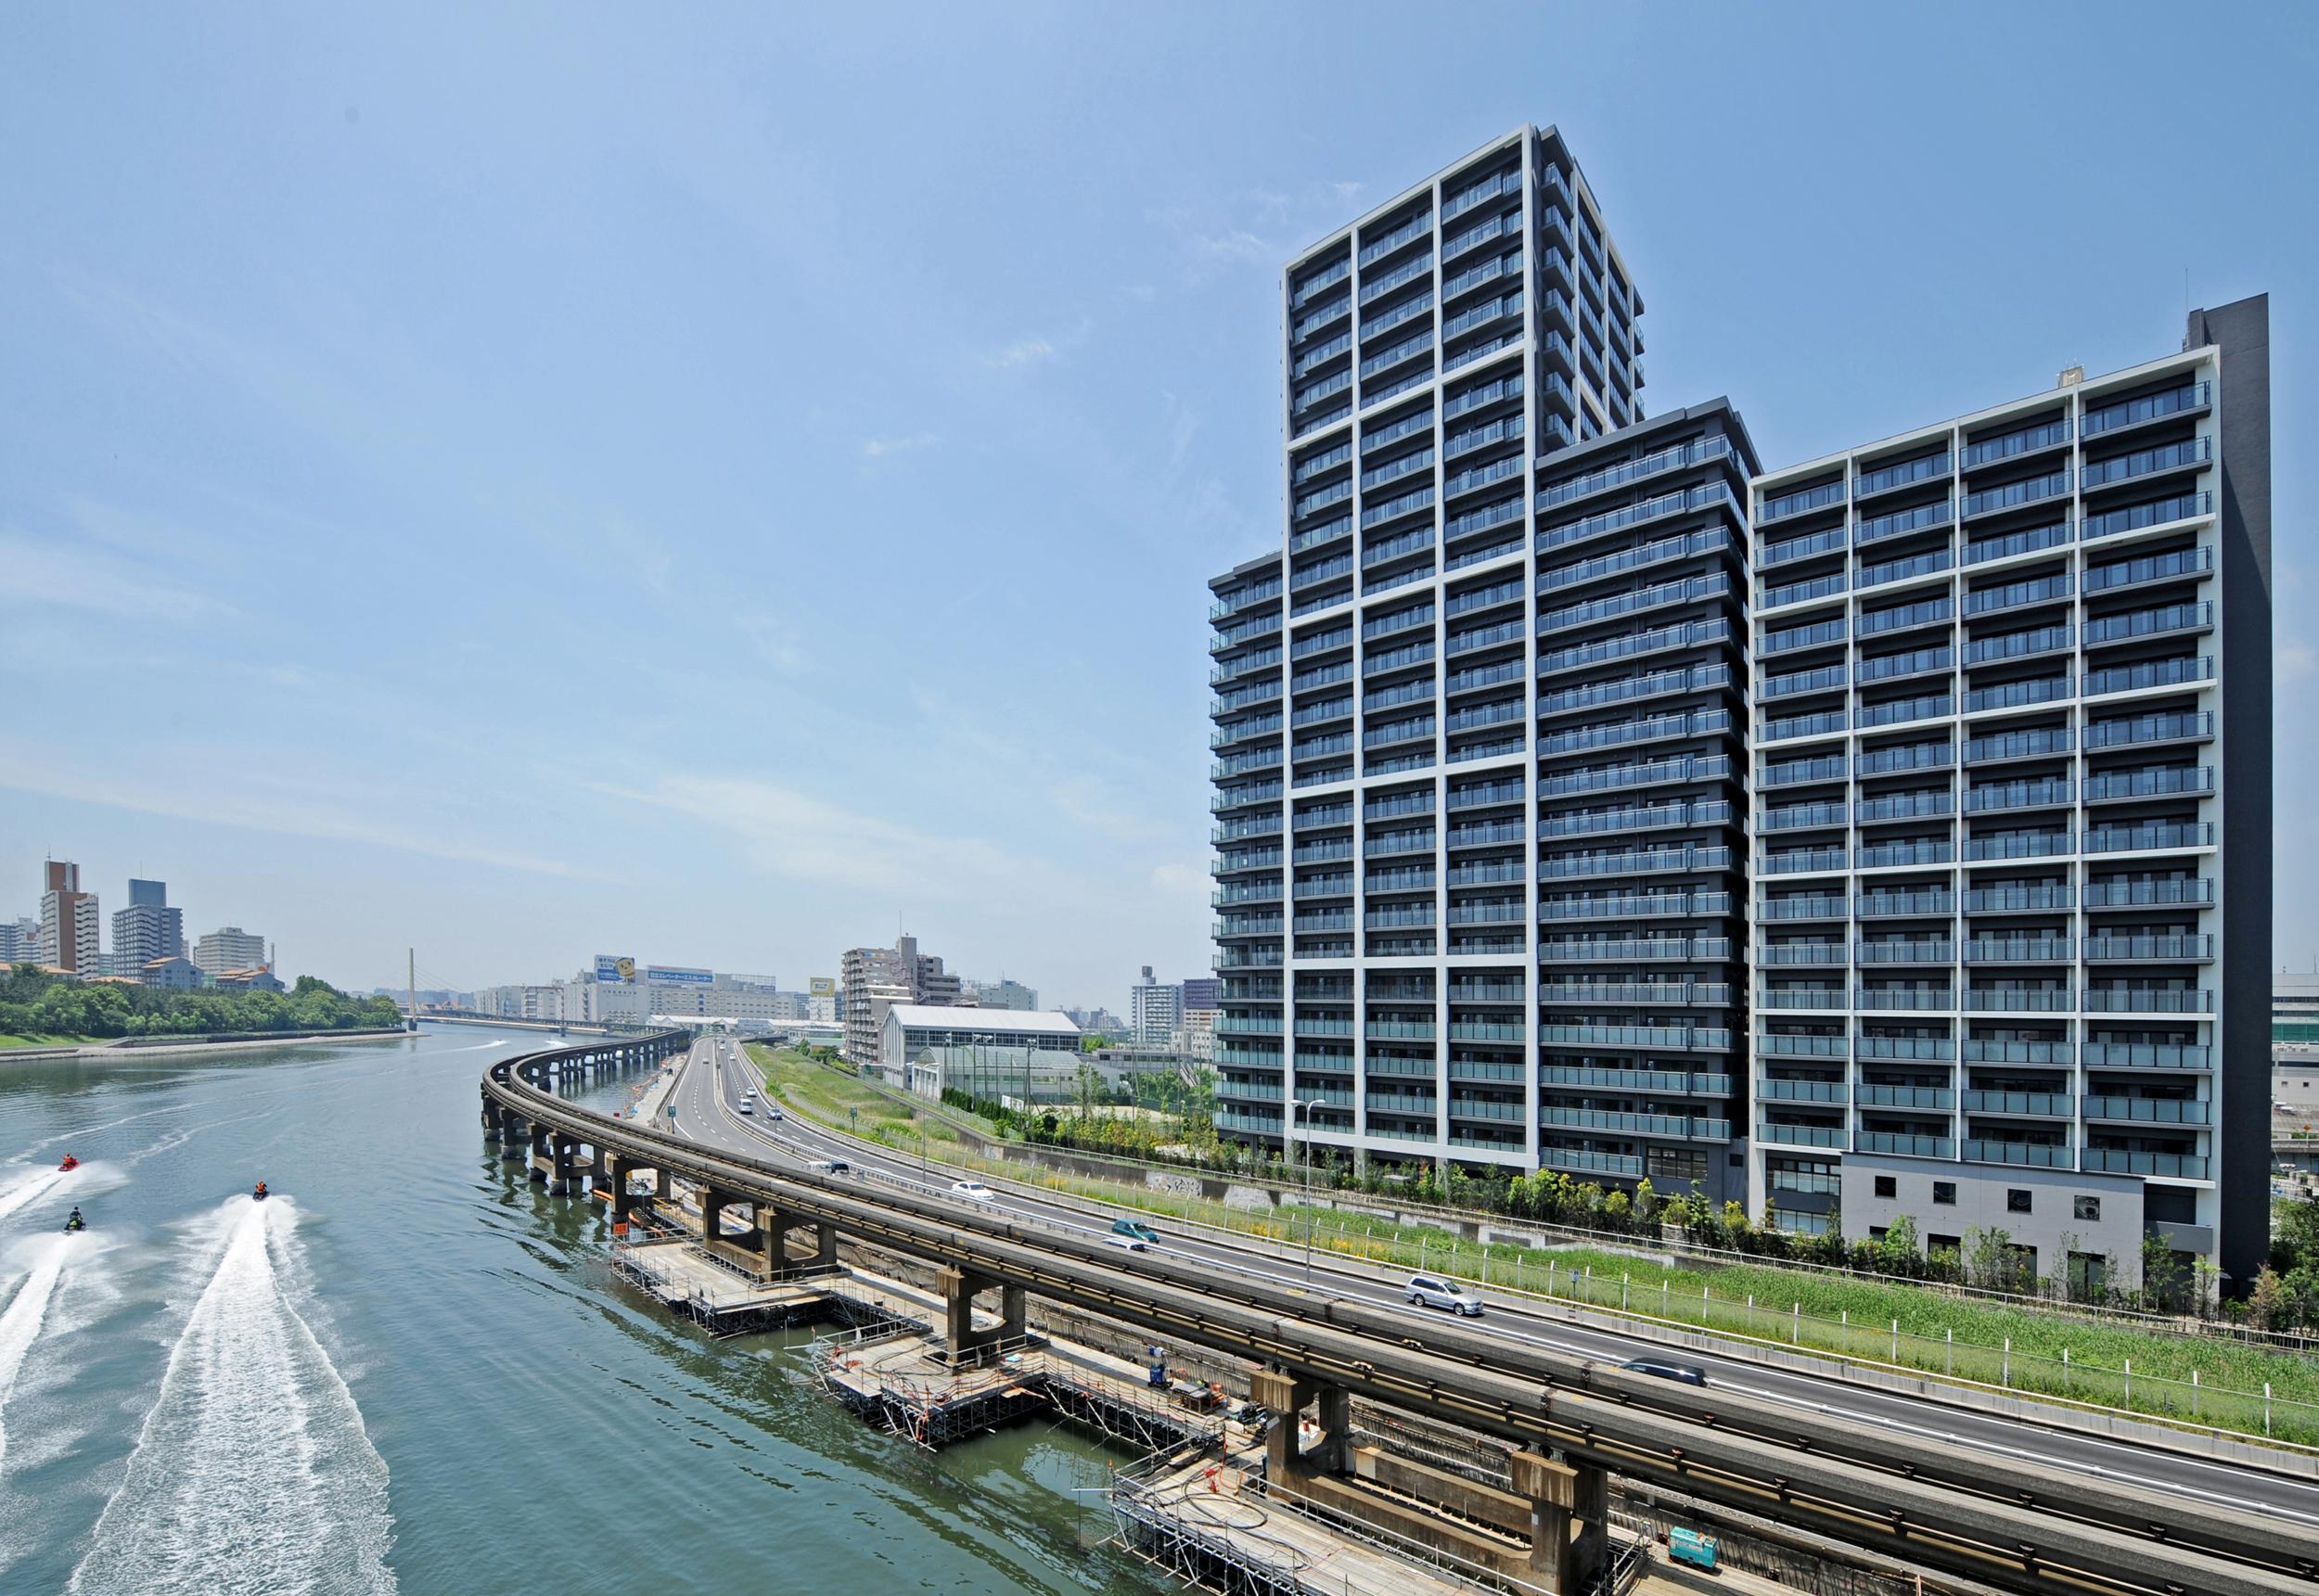 シーサイド 品川 クレスト タワー クレストタワー品川シーサイド 17階